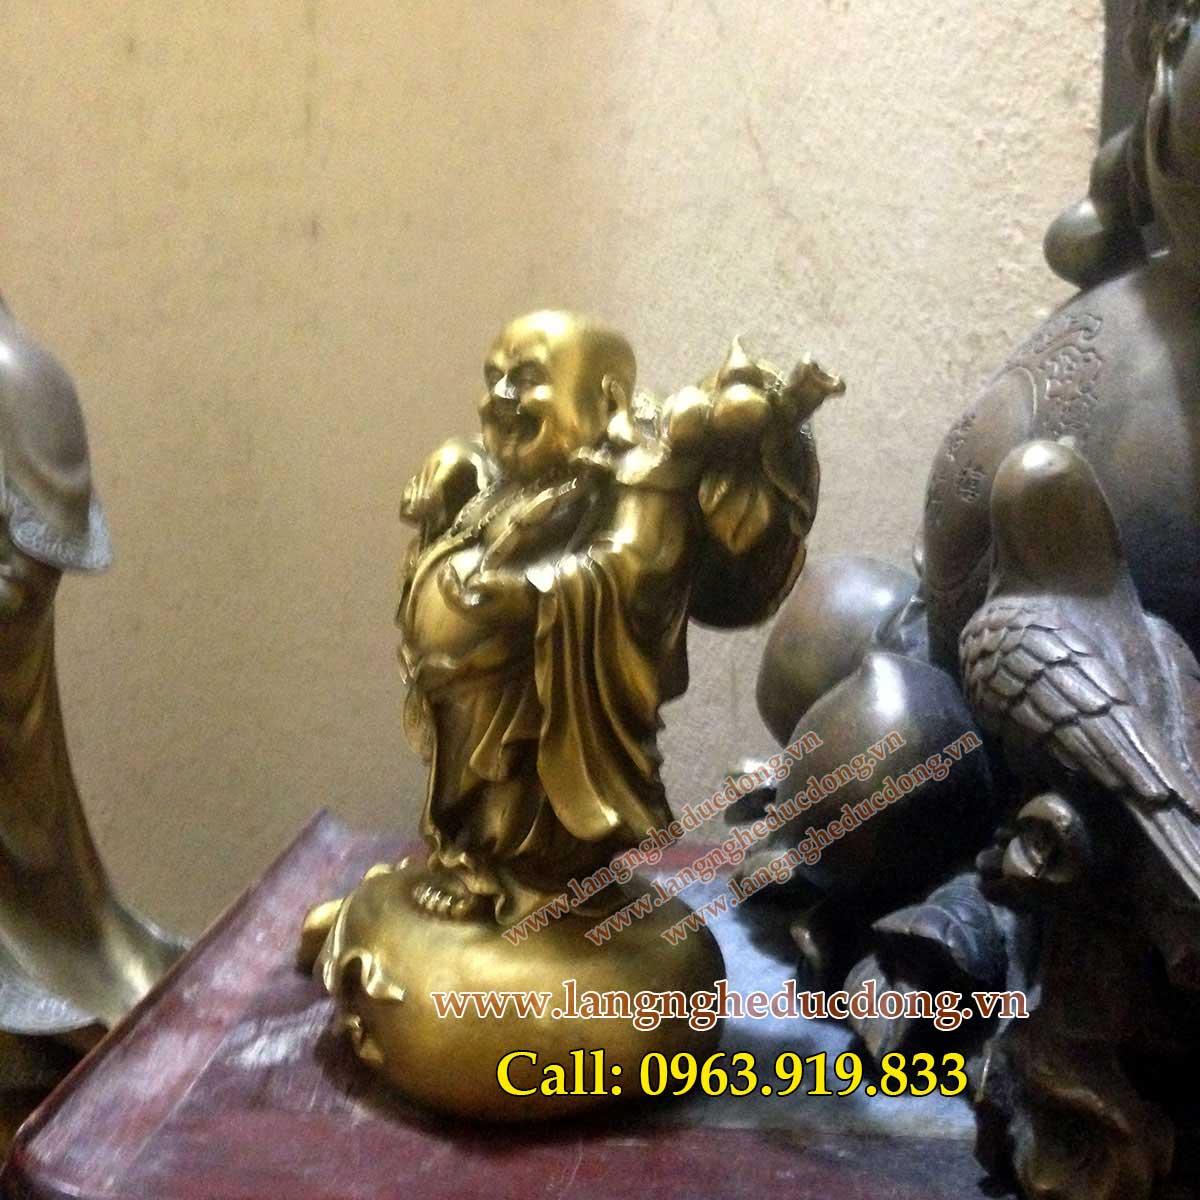 langngheducdong.vn - Tượng Phật Di Lạc Kéo Tiền, phật di lạc dài 20cm